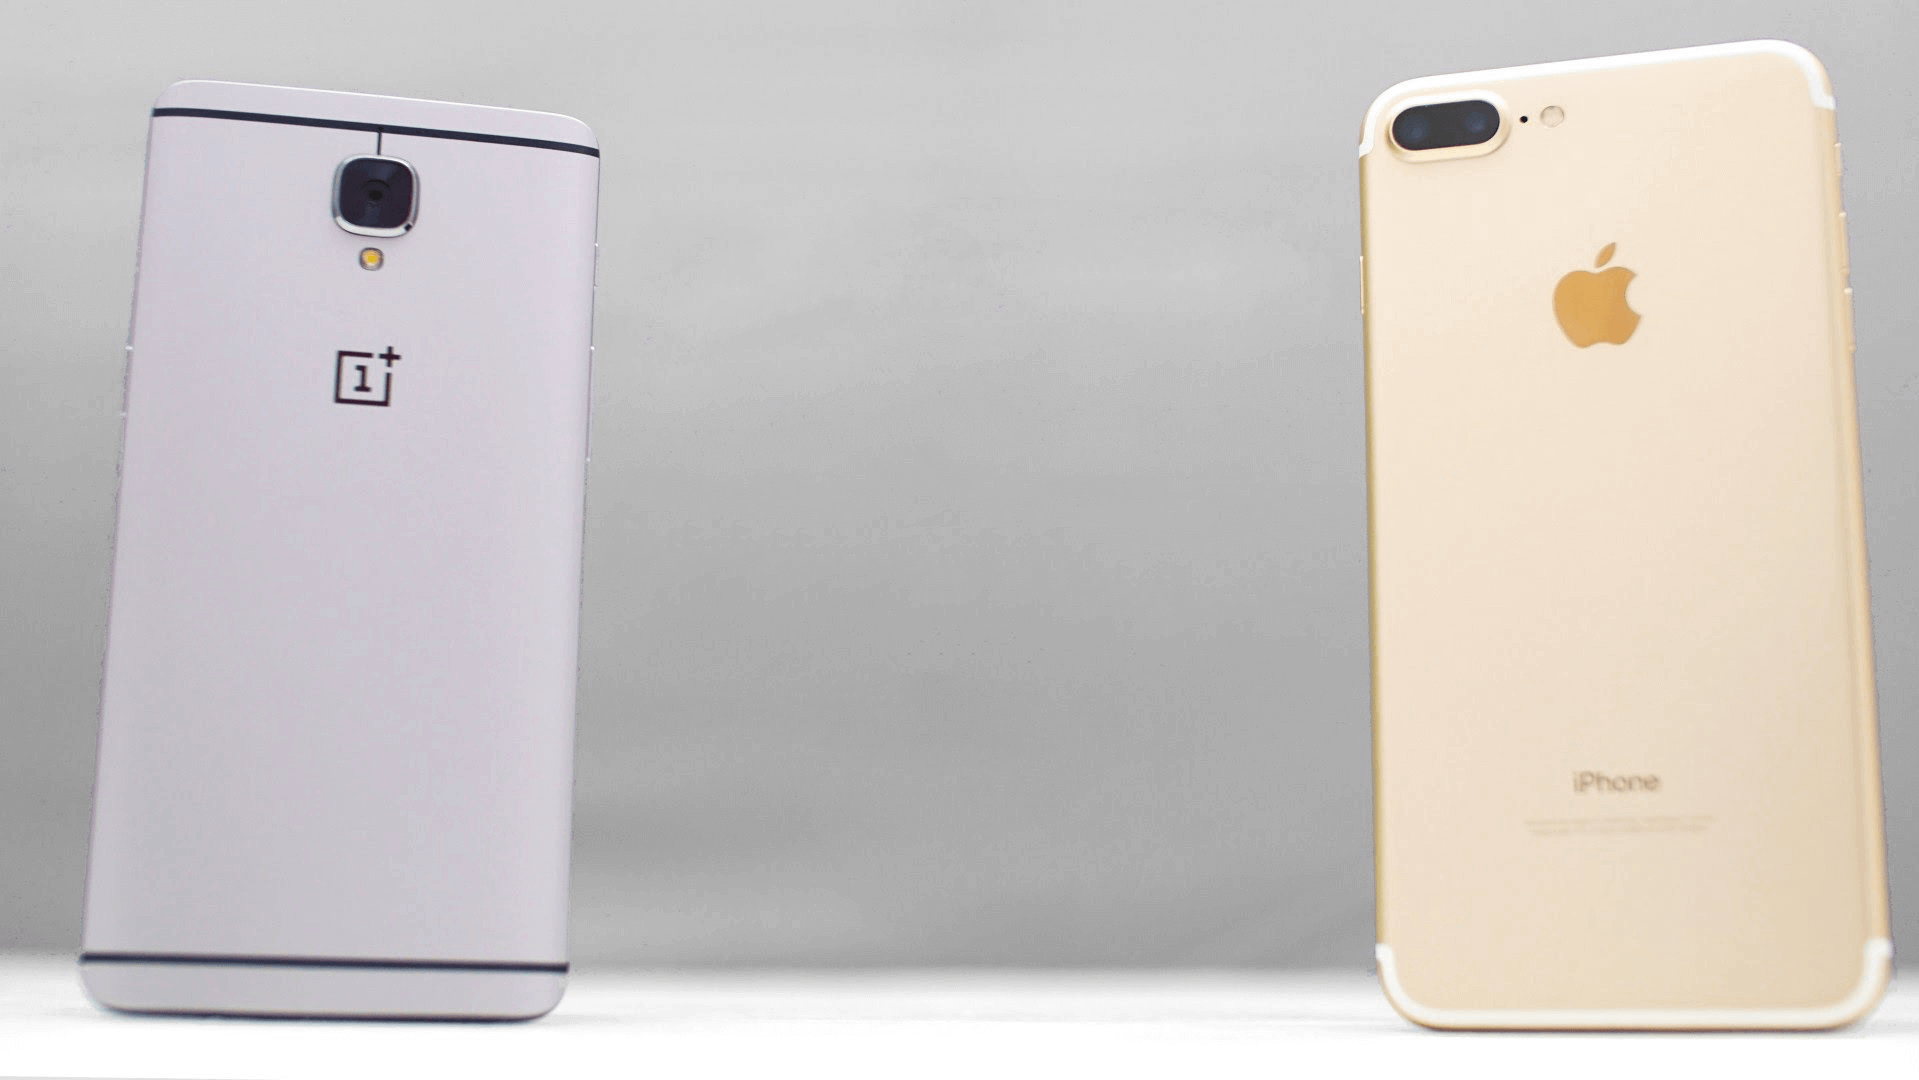 iPhone 7 Plus сравнили с OnePlus 3: кто оказался мощнее?